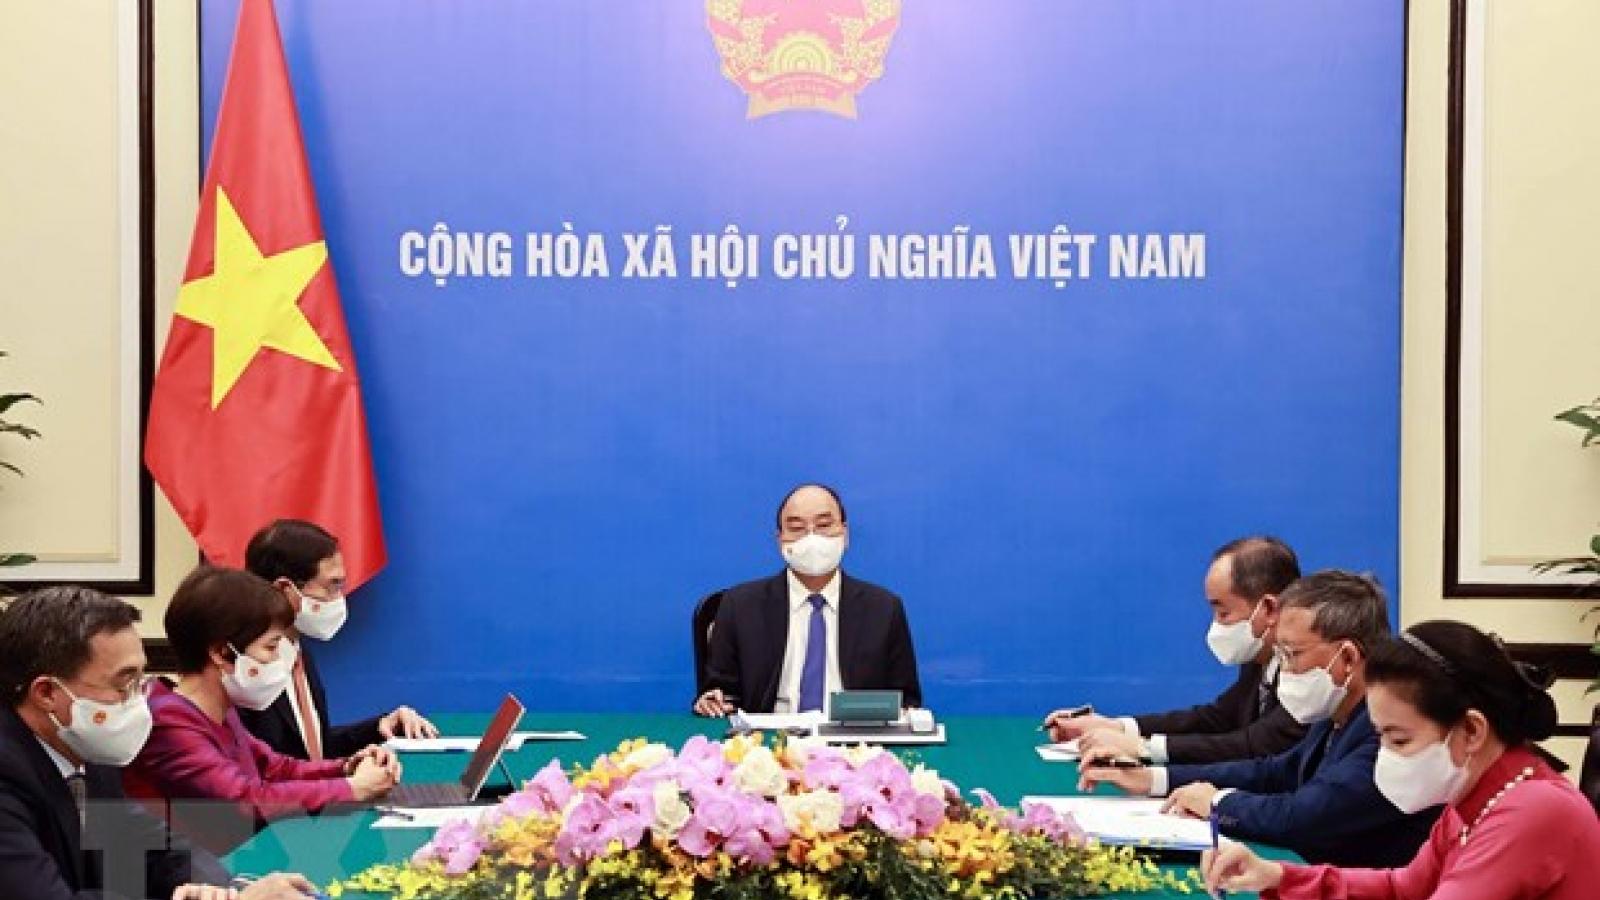 Chủ tịch nước Nguyễn Xuân Phúc điện đàm với Tổng thống Cộng hòa Pháp